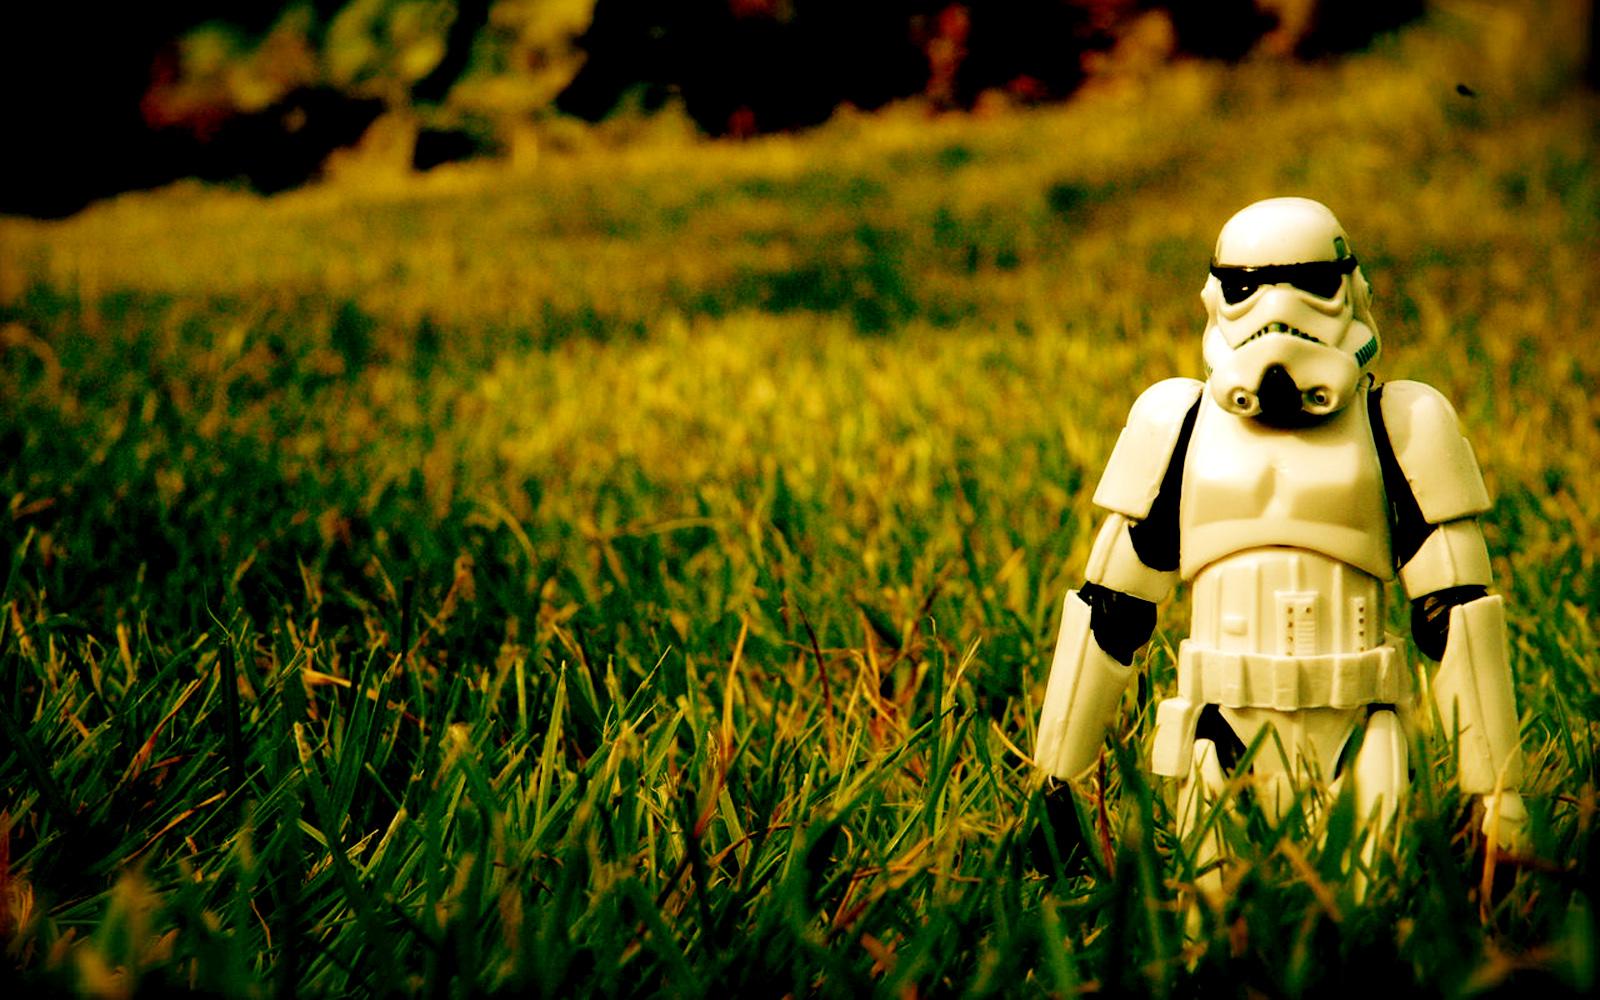 Stormtroopers Star Wars HD Wallpapers Desktop Wallpapers 1600x1000